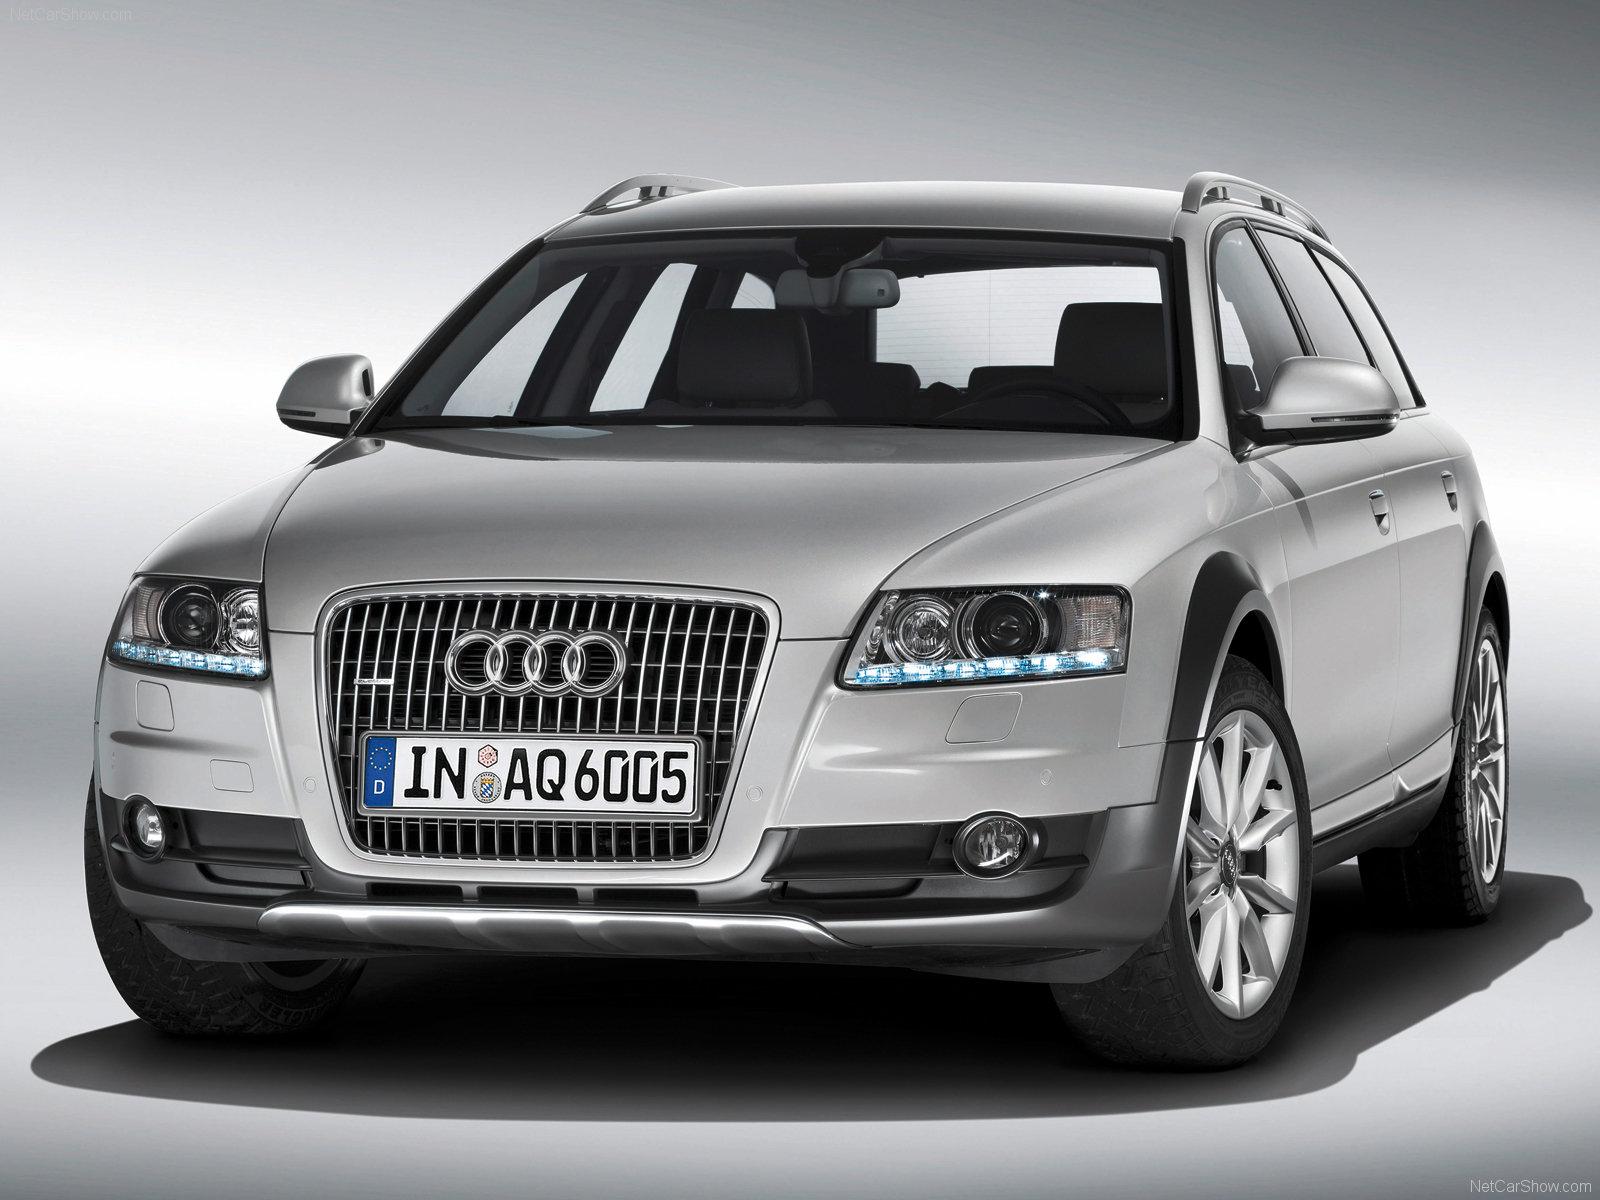 Audi A6 allroad: http://a2goos.com/gallery/audi-a6-allroad.html